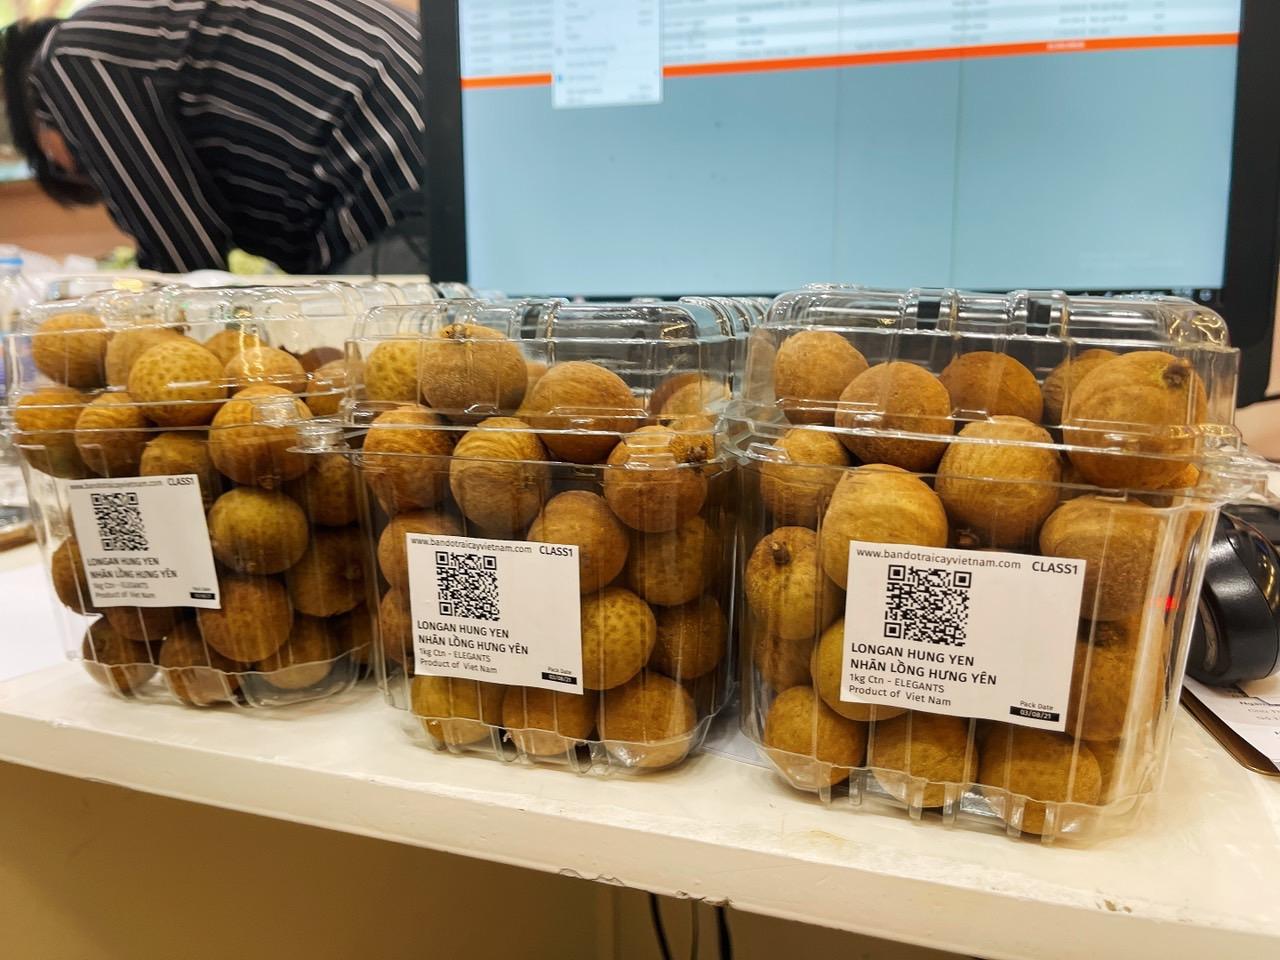 Nhãn lồng Hưng Yên được bán ở Singapore hôm 3/8. Ảnh: Hương Quê Việt.